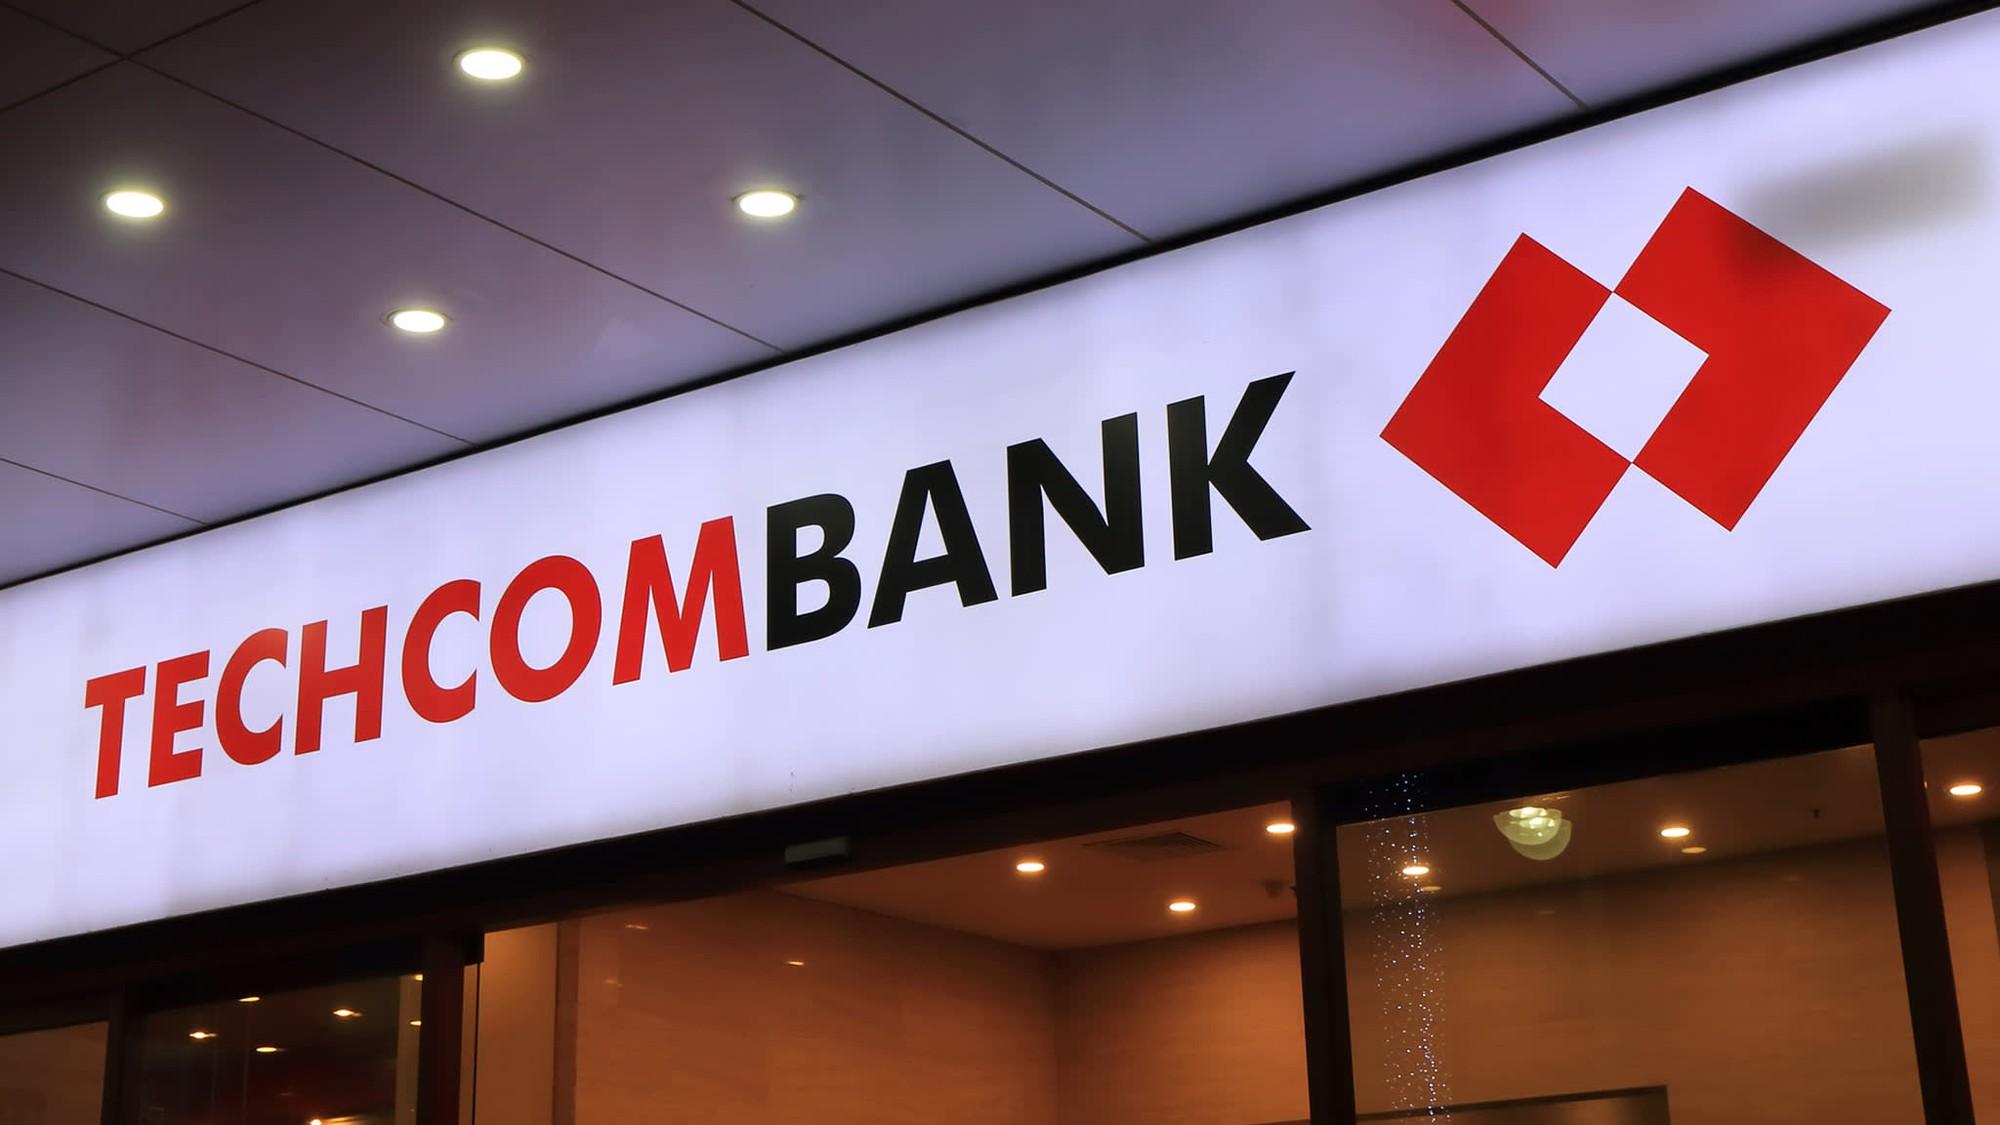 VDSC: Techcombank sẽ tiếp tục cải thiện NIM và chất lượng tài sản để tăng trưởng lợi nhuận